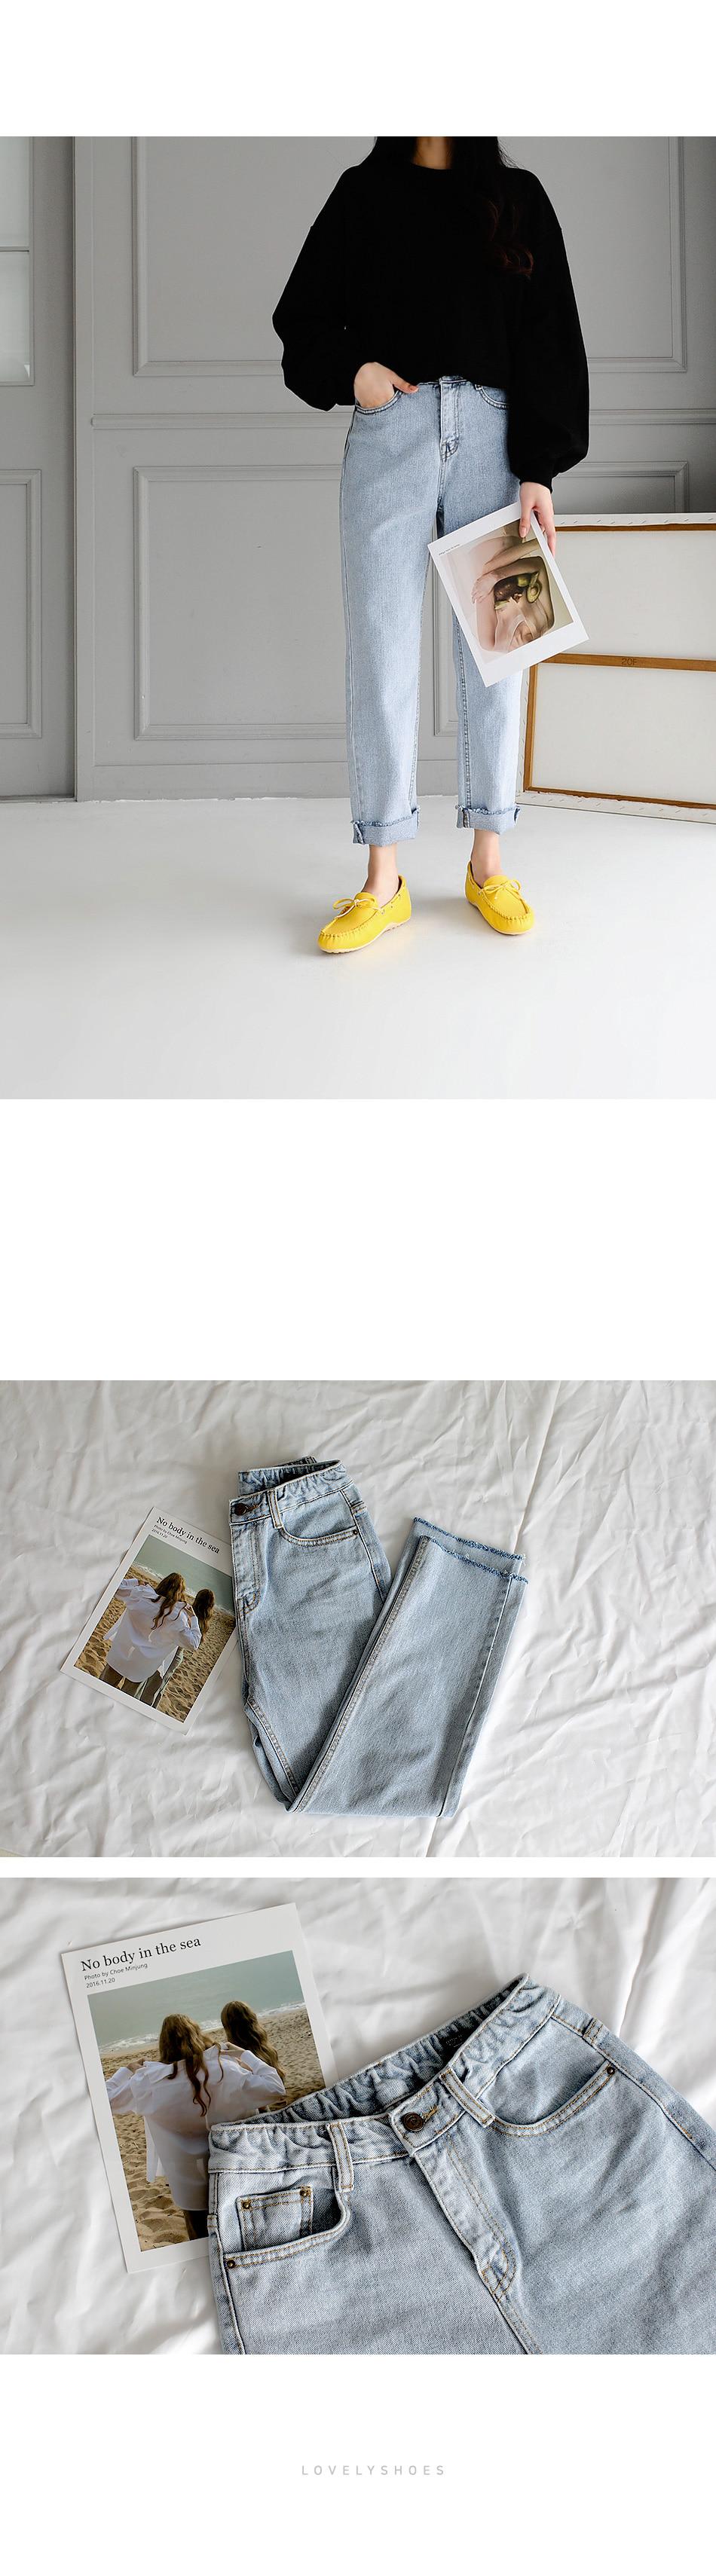 Melons hidden banding denim pants